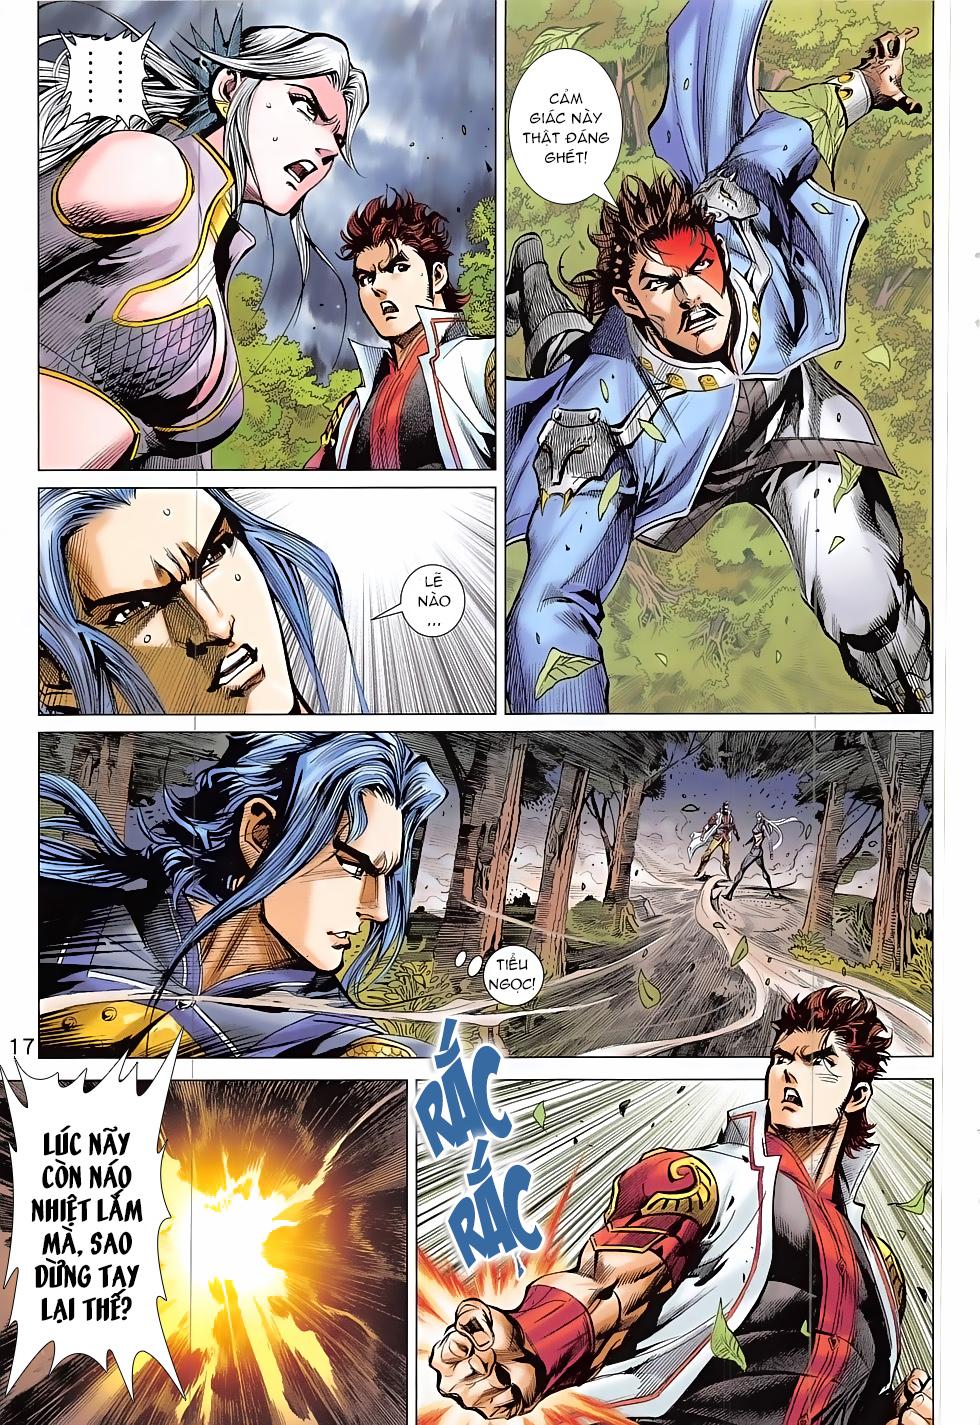 Thần Chưởng trang 17